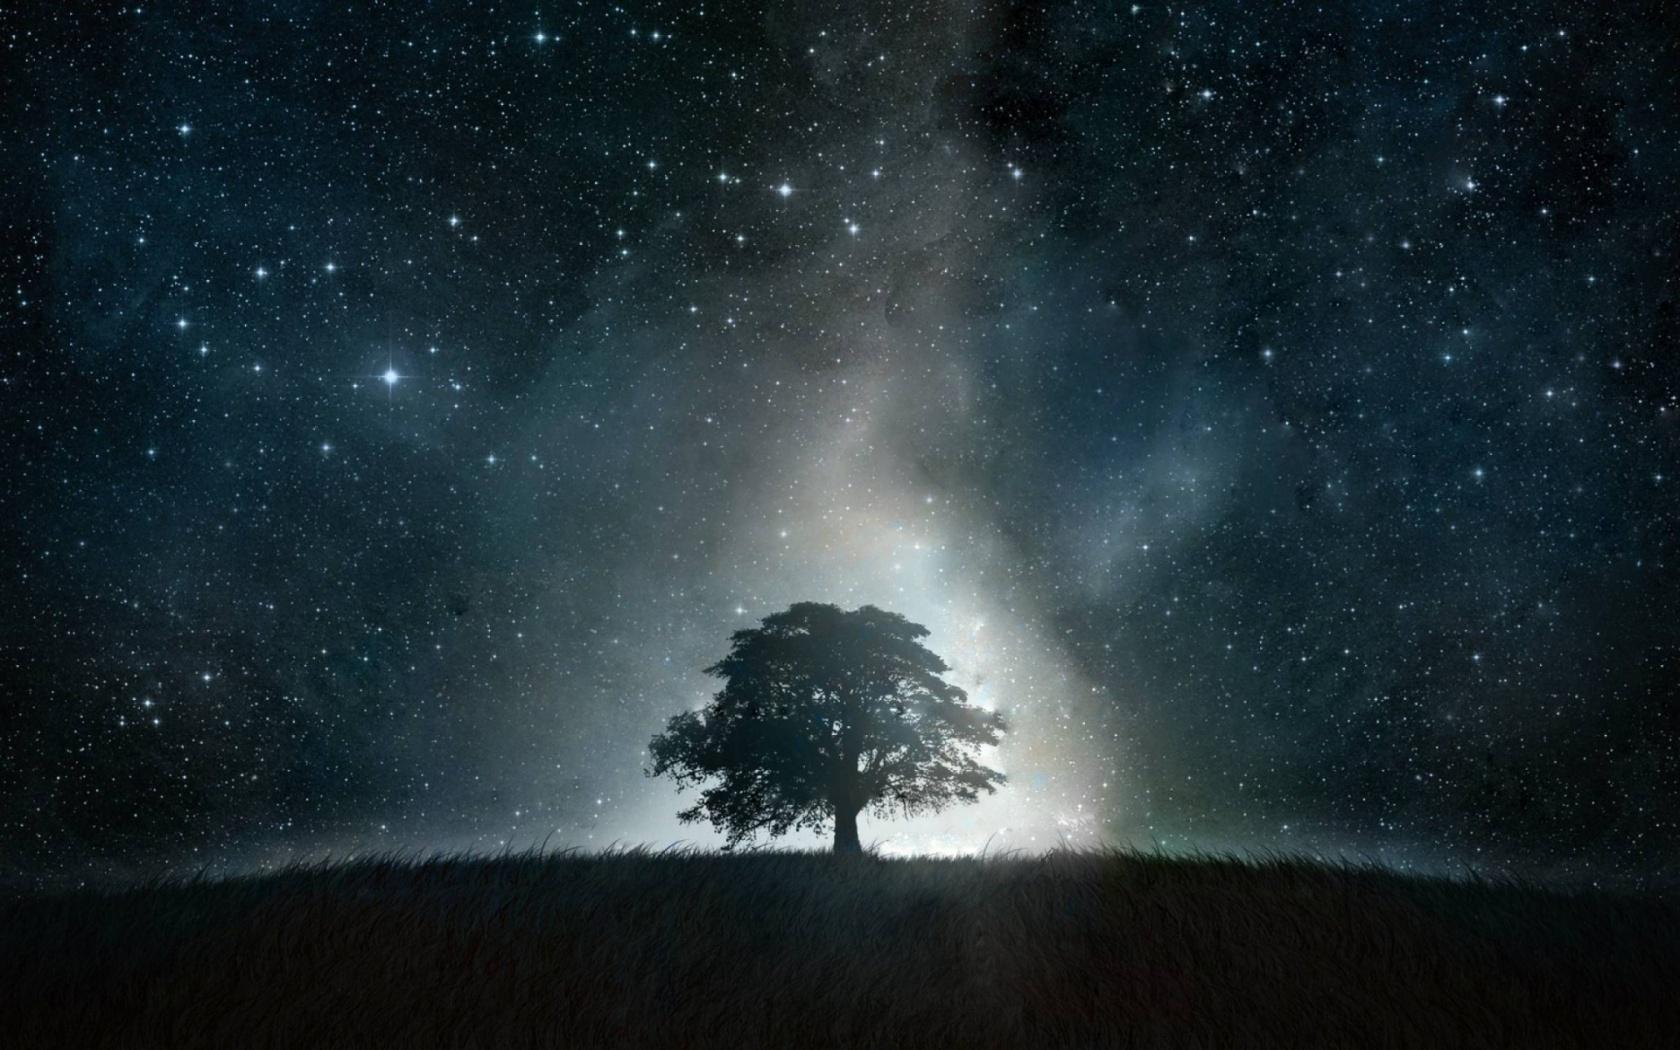 ws_Tree_Grass_Stars_Glowing_Night_1680x1050 (1).jpg